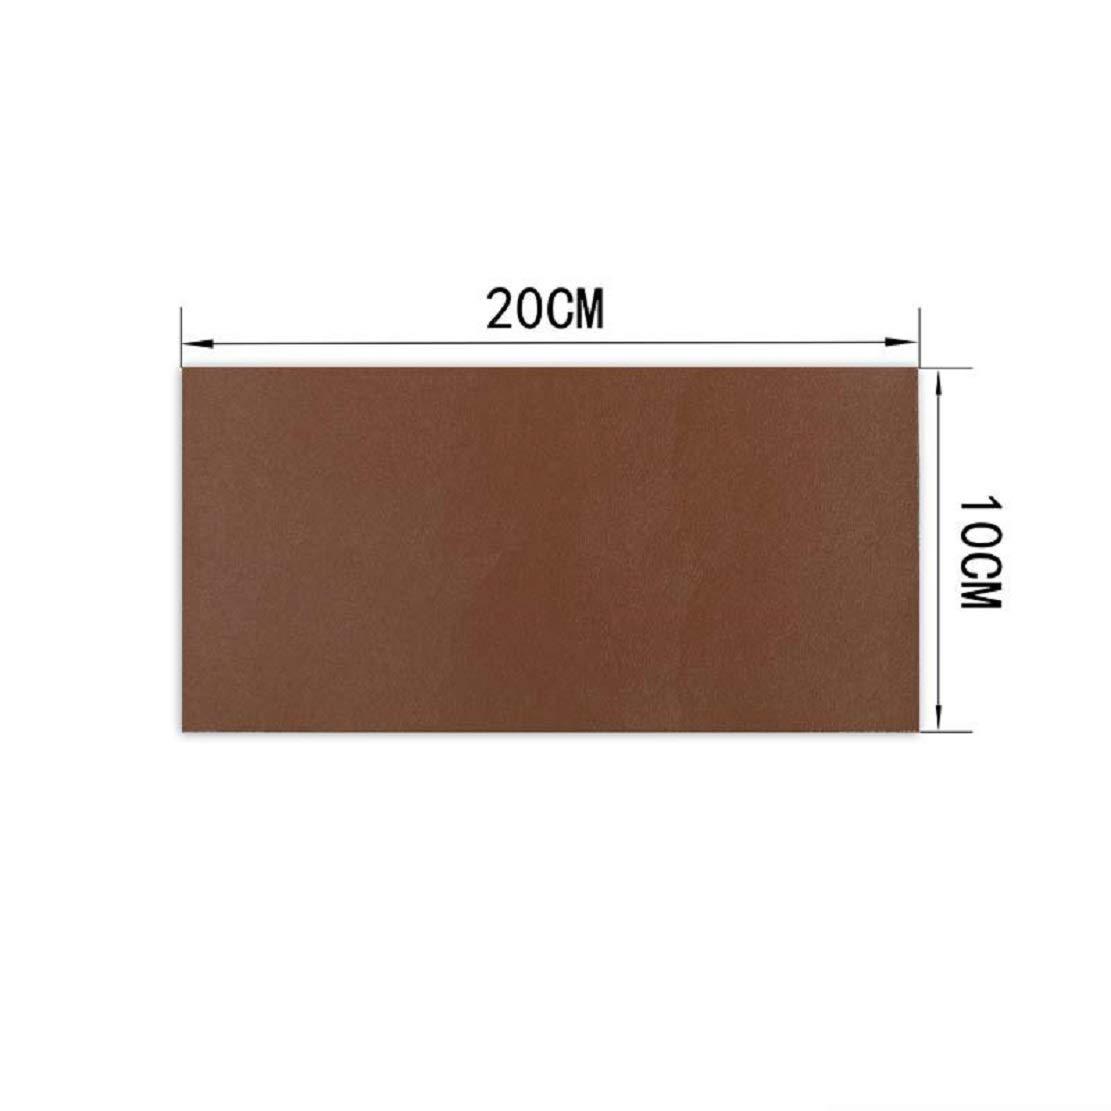 Yalulu Lot de 10 Patch de R/éparation en Cuir kit Beige Auto-Adh/ésif Patch r/éparation Autocollant pour Veste Sol canap/é Coussin DIY Art Craft